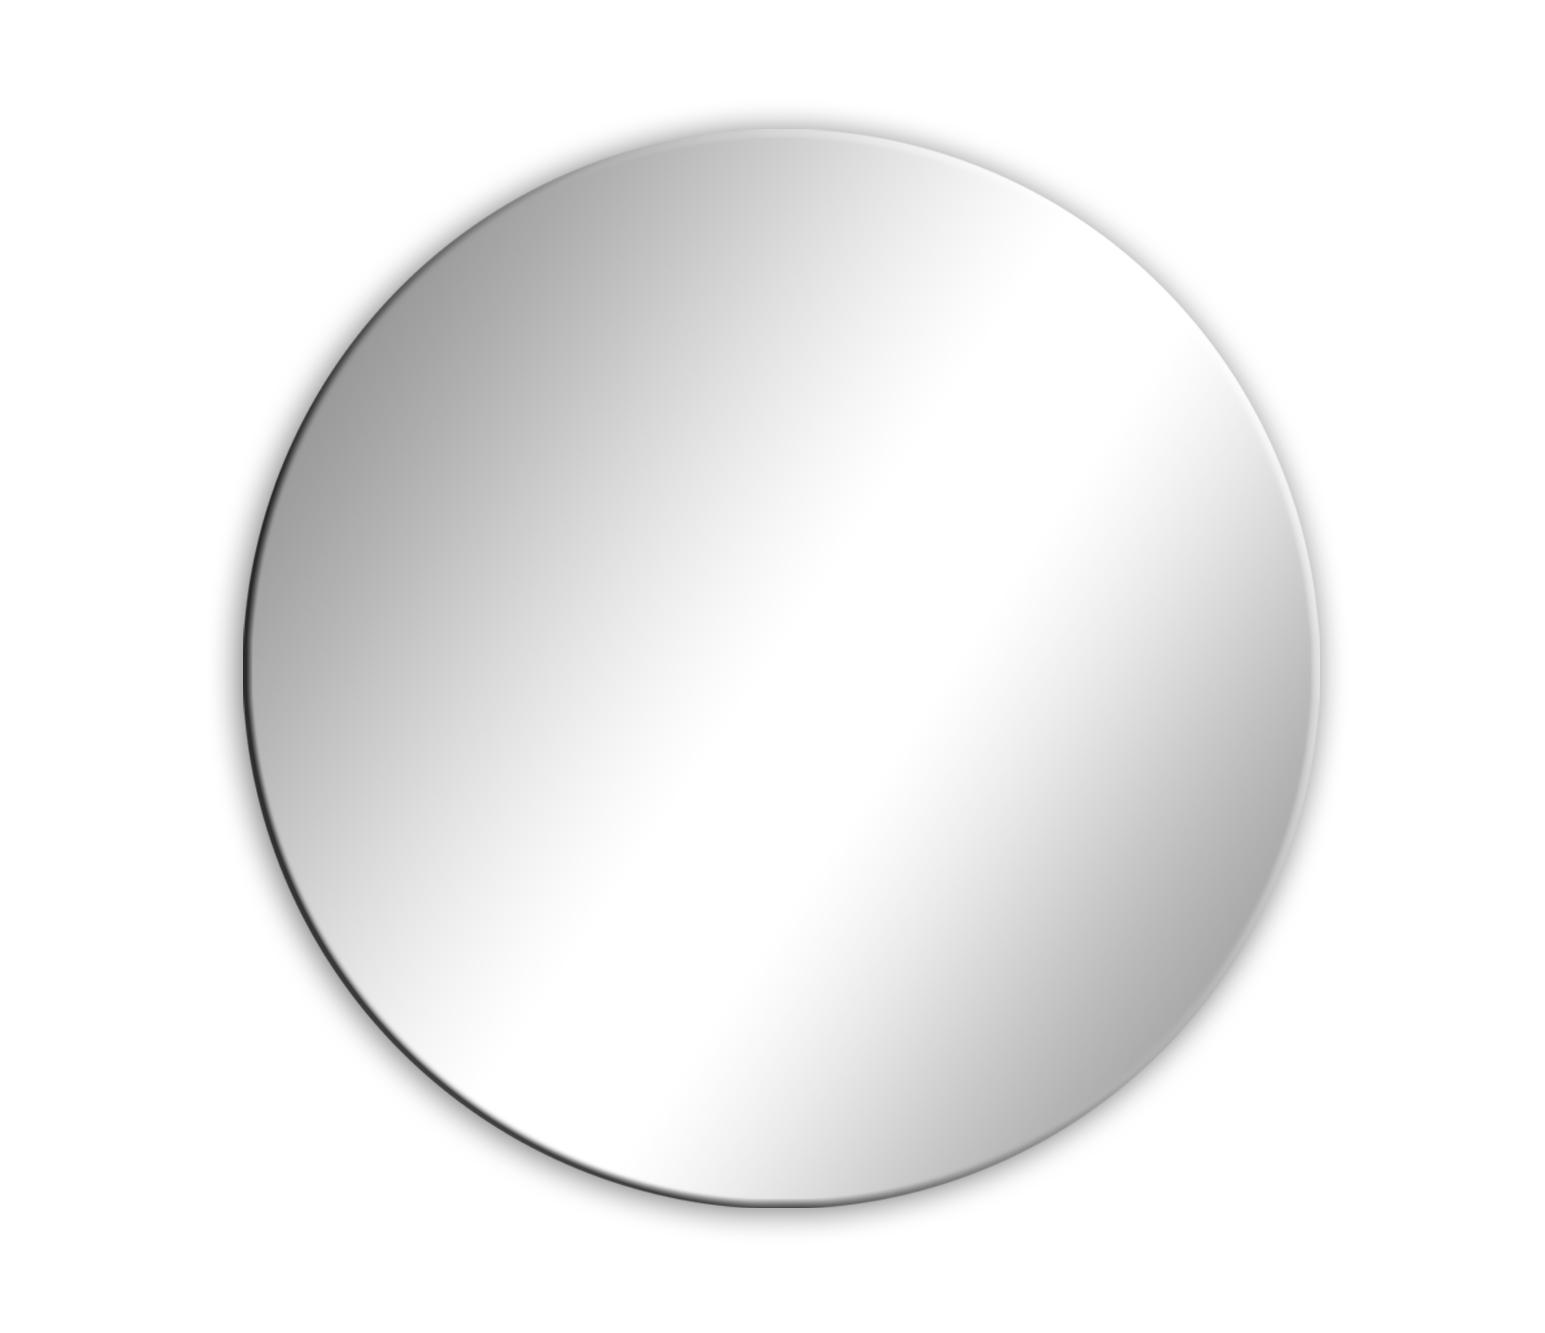 Zrkadlový kruh 40x40 s inou veľkosťou veľkosti